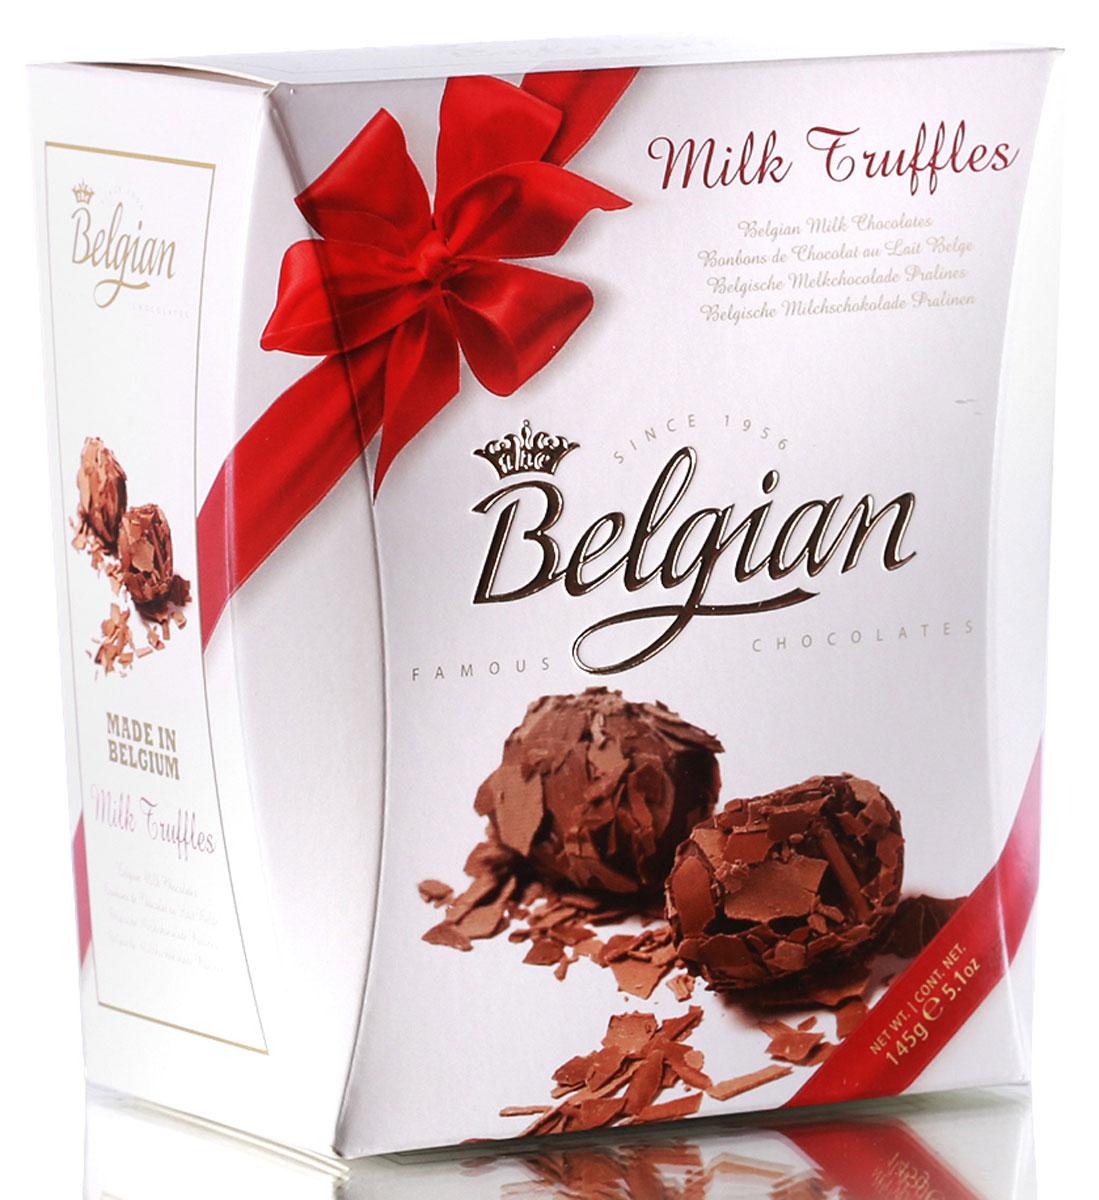 The Belgian Трюфели из молочного шоколада в хлопьях, 145 г7.37.04Трюфели очаровывают прекрасным сочетанием мягкой сливочной начинки с шелковистым вкусом хлопьев из молочного шоколада. Конфетами приятно наслаждаться в сопровождении чашечки чая, кофе или капучино. Они составят хорошую пару с какао или молоком. Трюфели можно предложить к бокалу красного или белого сухого вина, портвейну или к десертному вину.